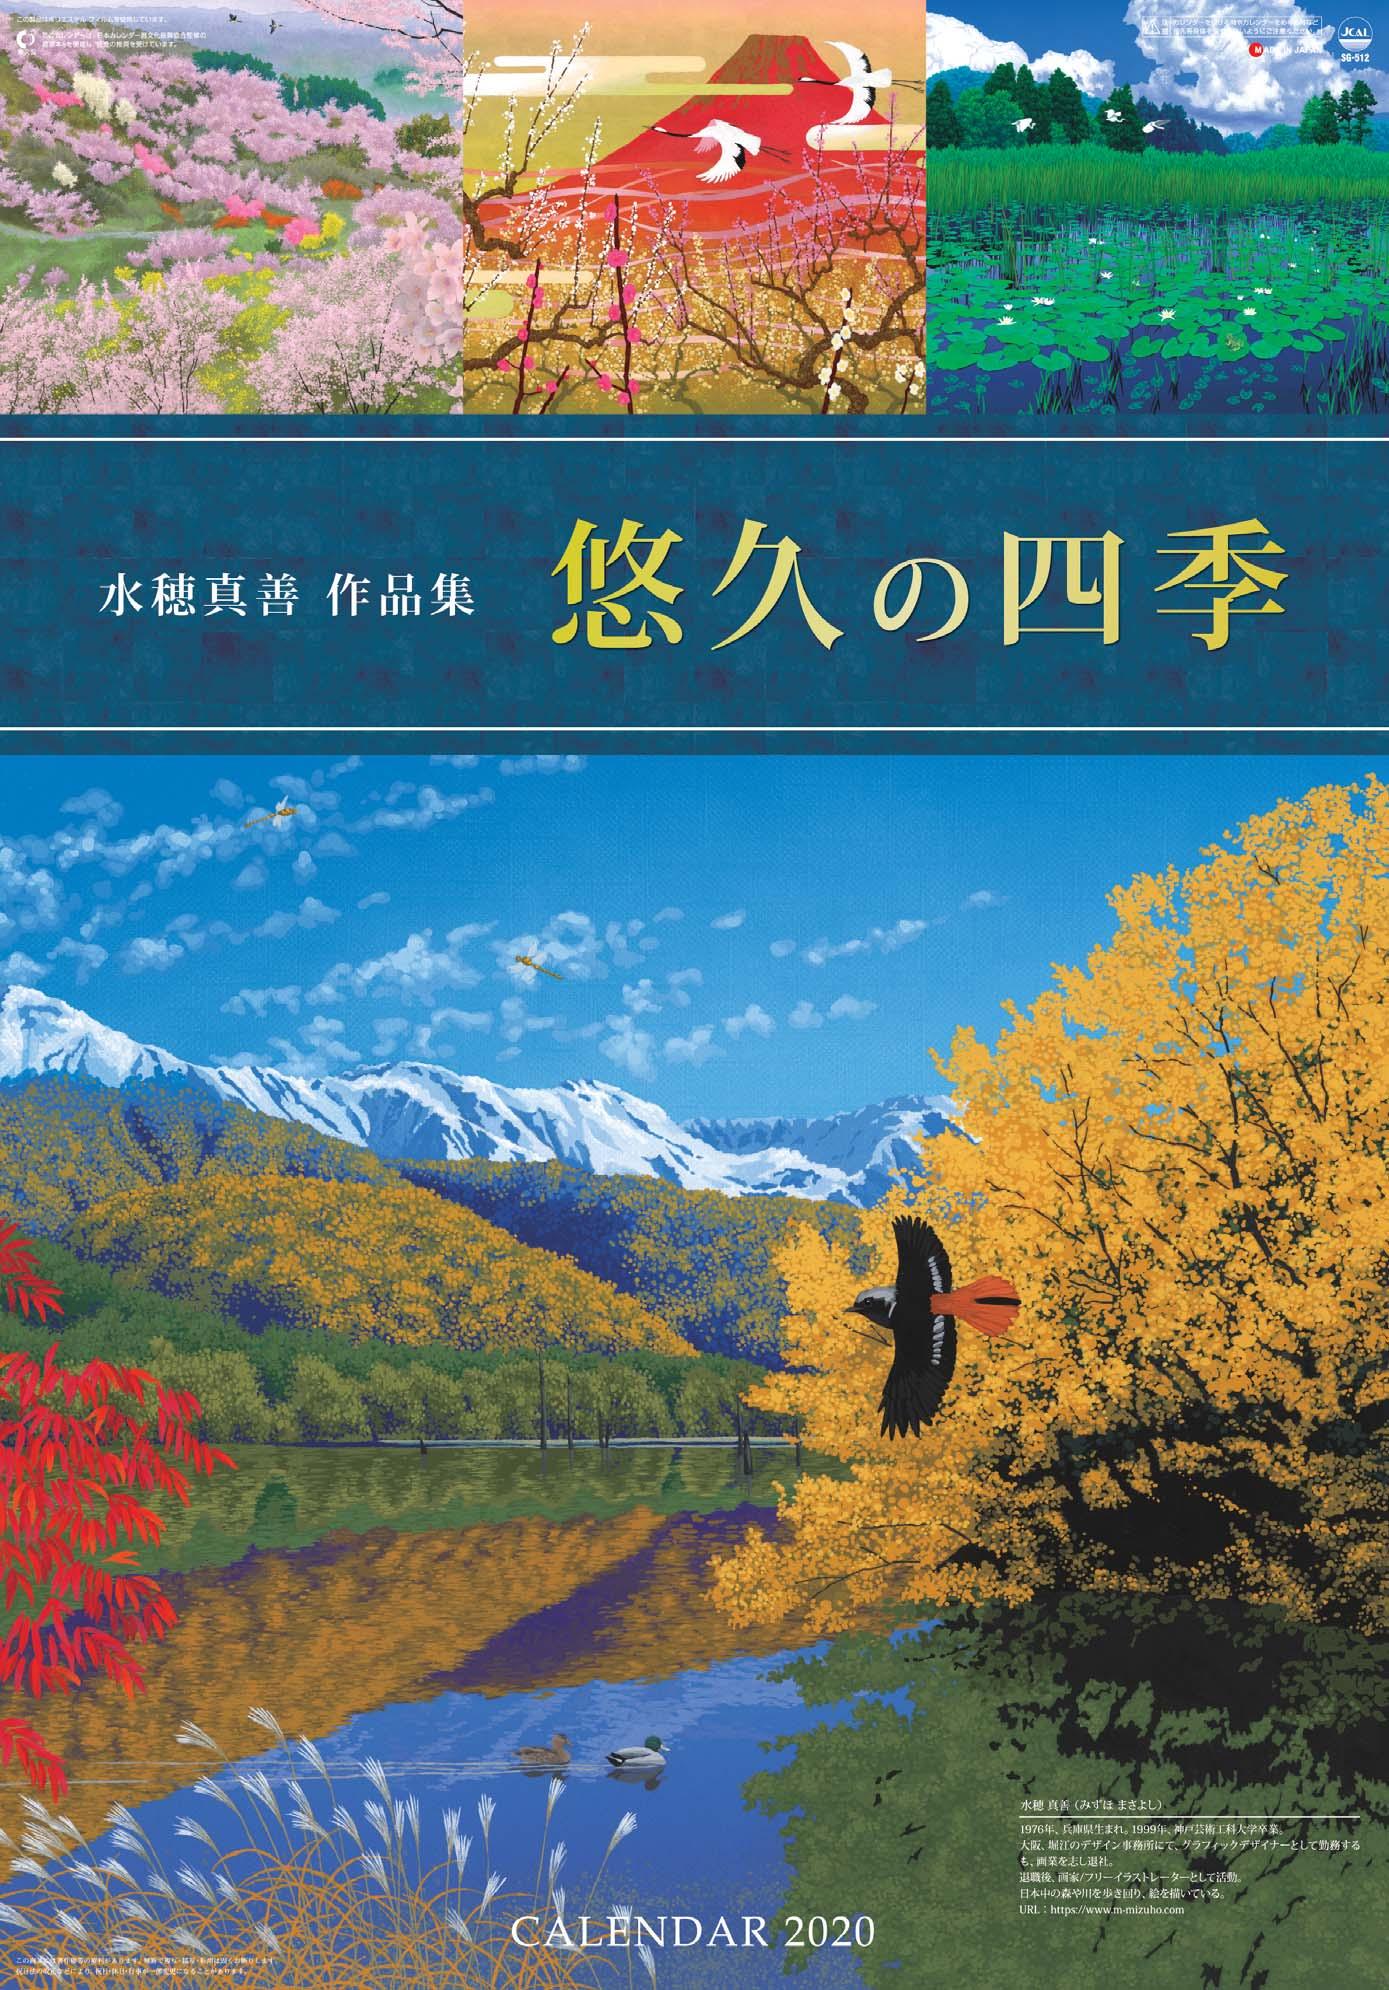 悠久の四季・水穂真善作品集(フィルムカレンダー) 2020年カレンダー